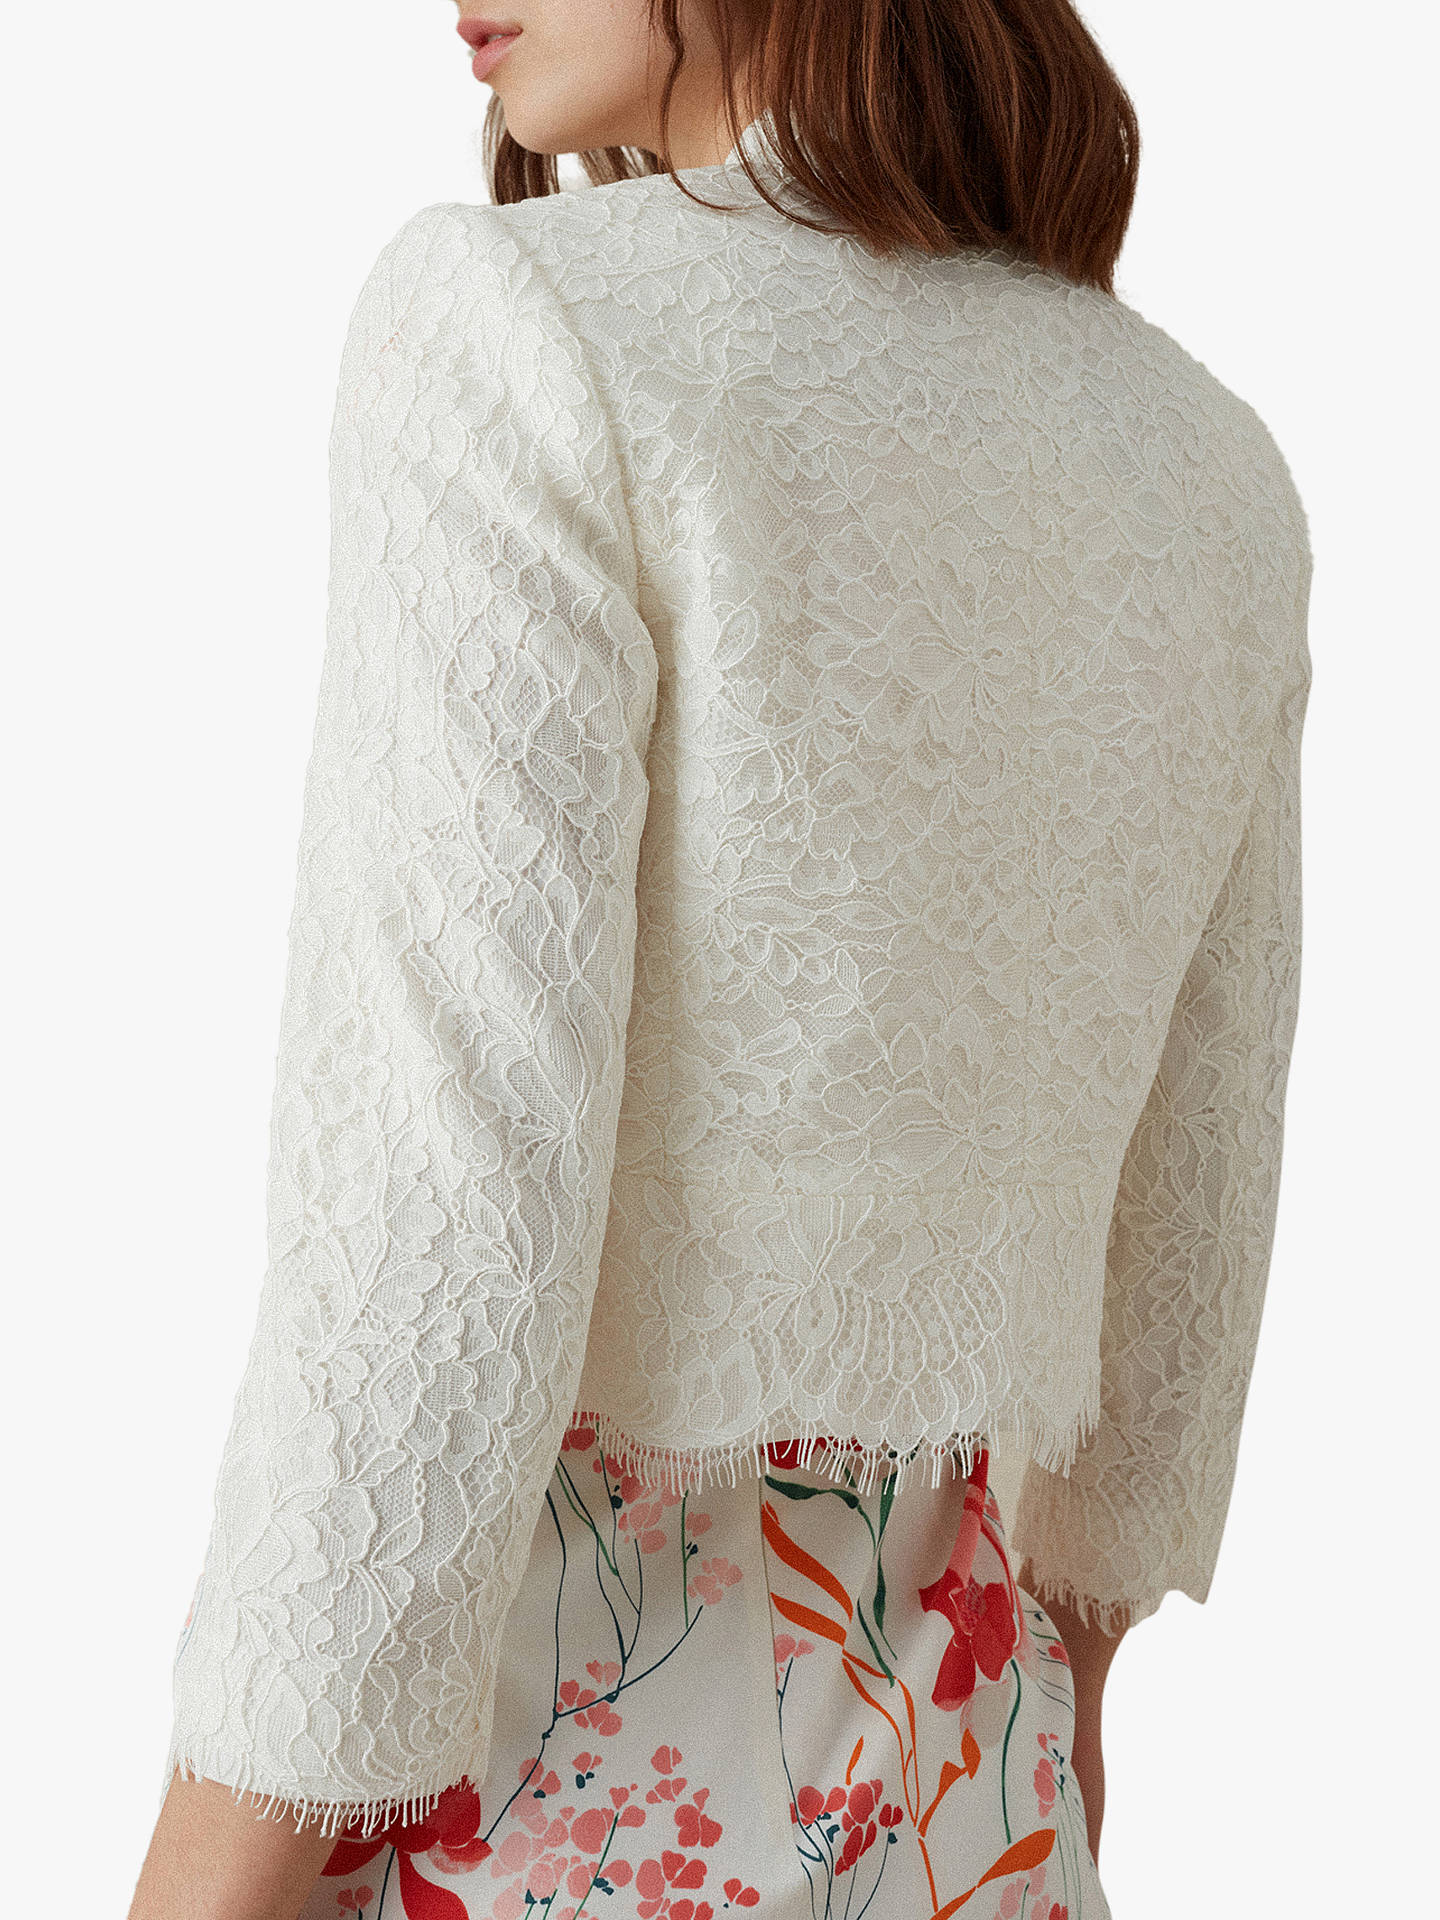 629d688c352 ... Buy Karen Millen Lace Open Cardigan